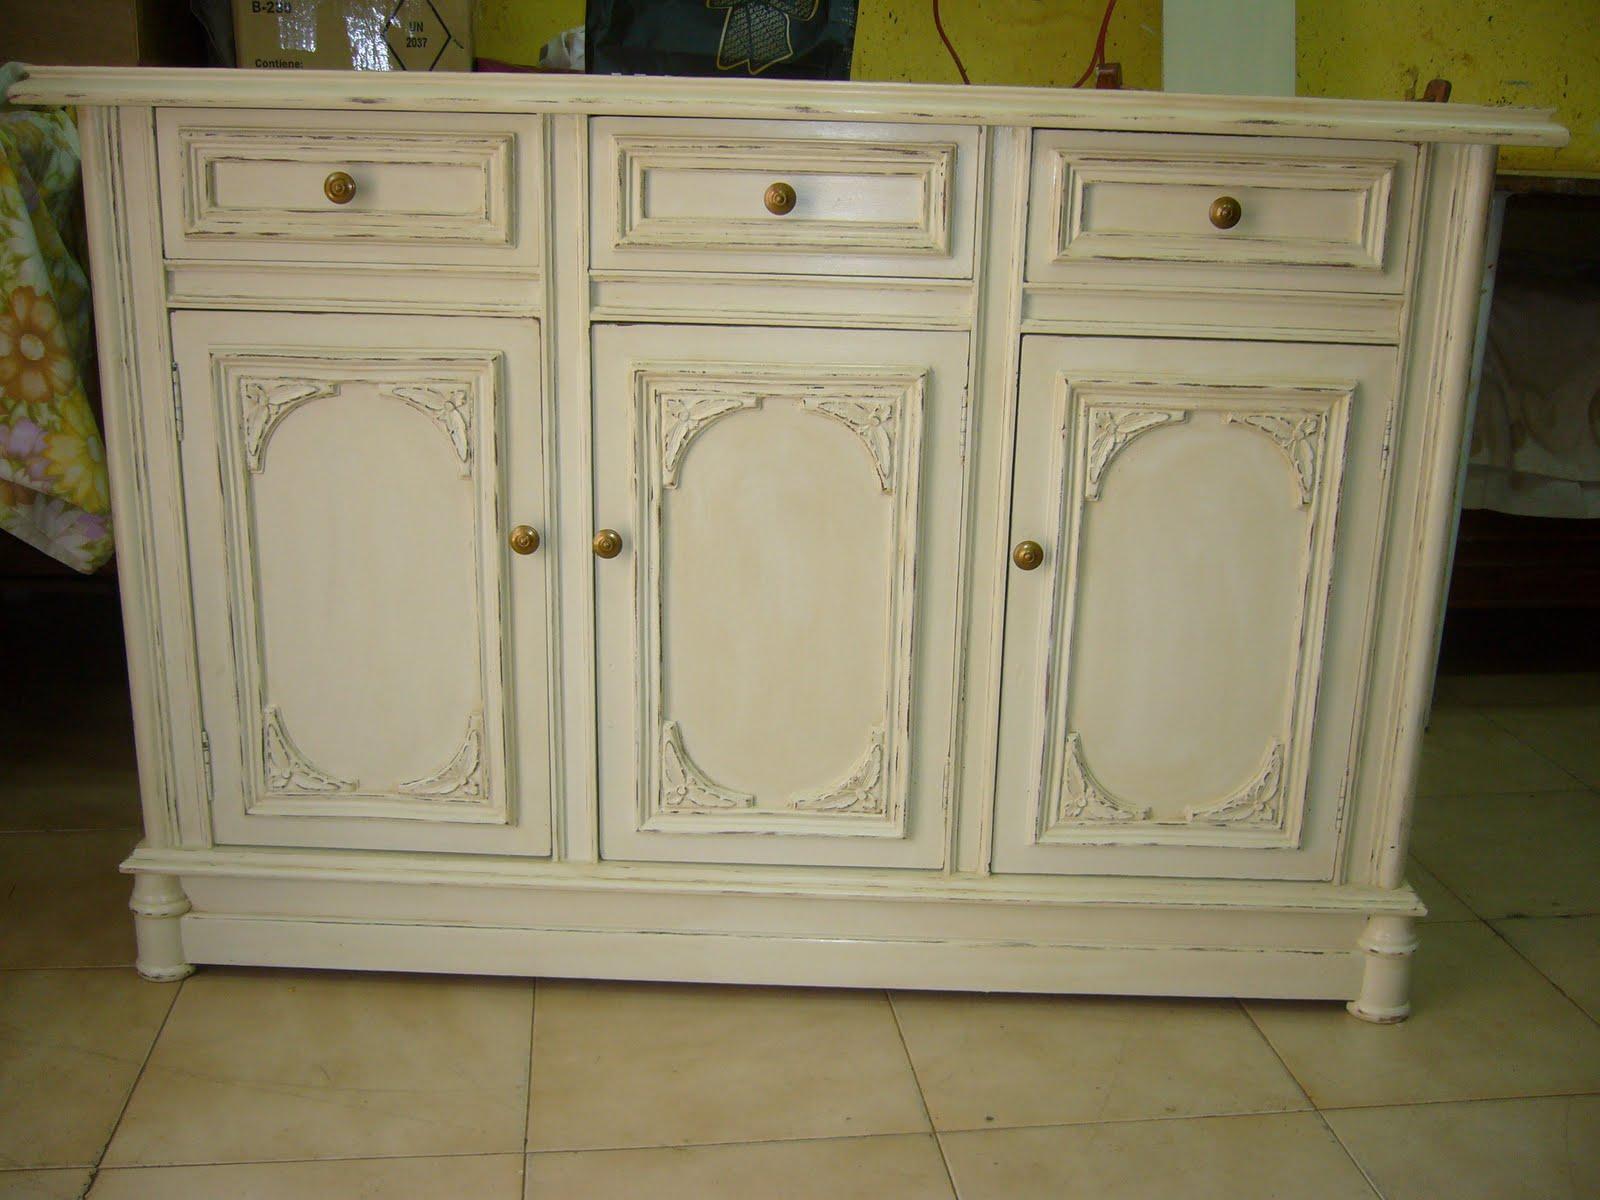 Pintar Mueble Antiguo Good Ideas De Negocios With Como Pintar Un  # Muebles Patinados En Blanco